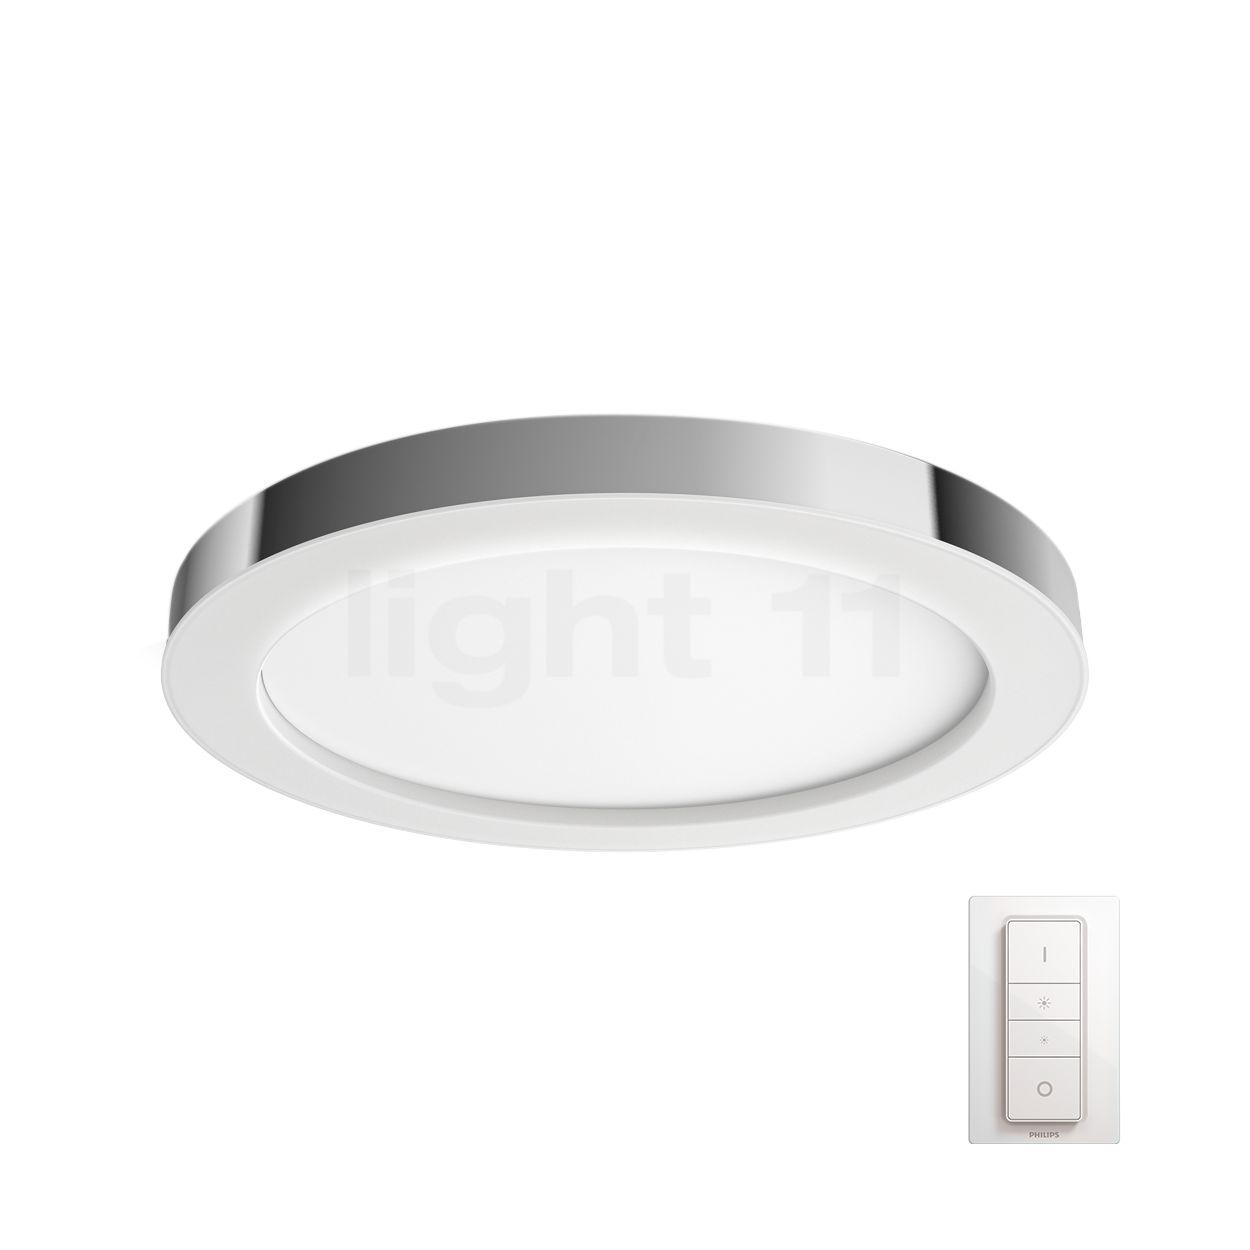 Ny Philips hue Adore Loftlampe LED på light11.dk VG16